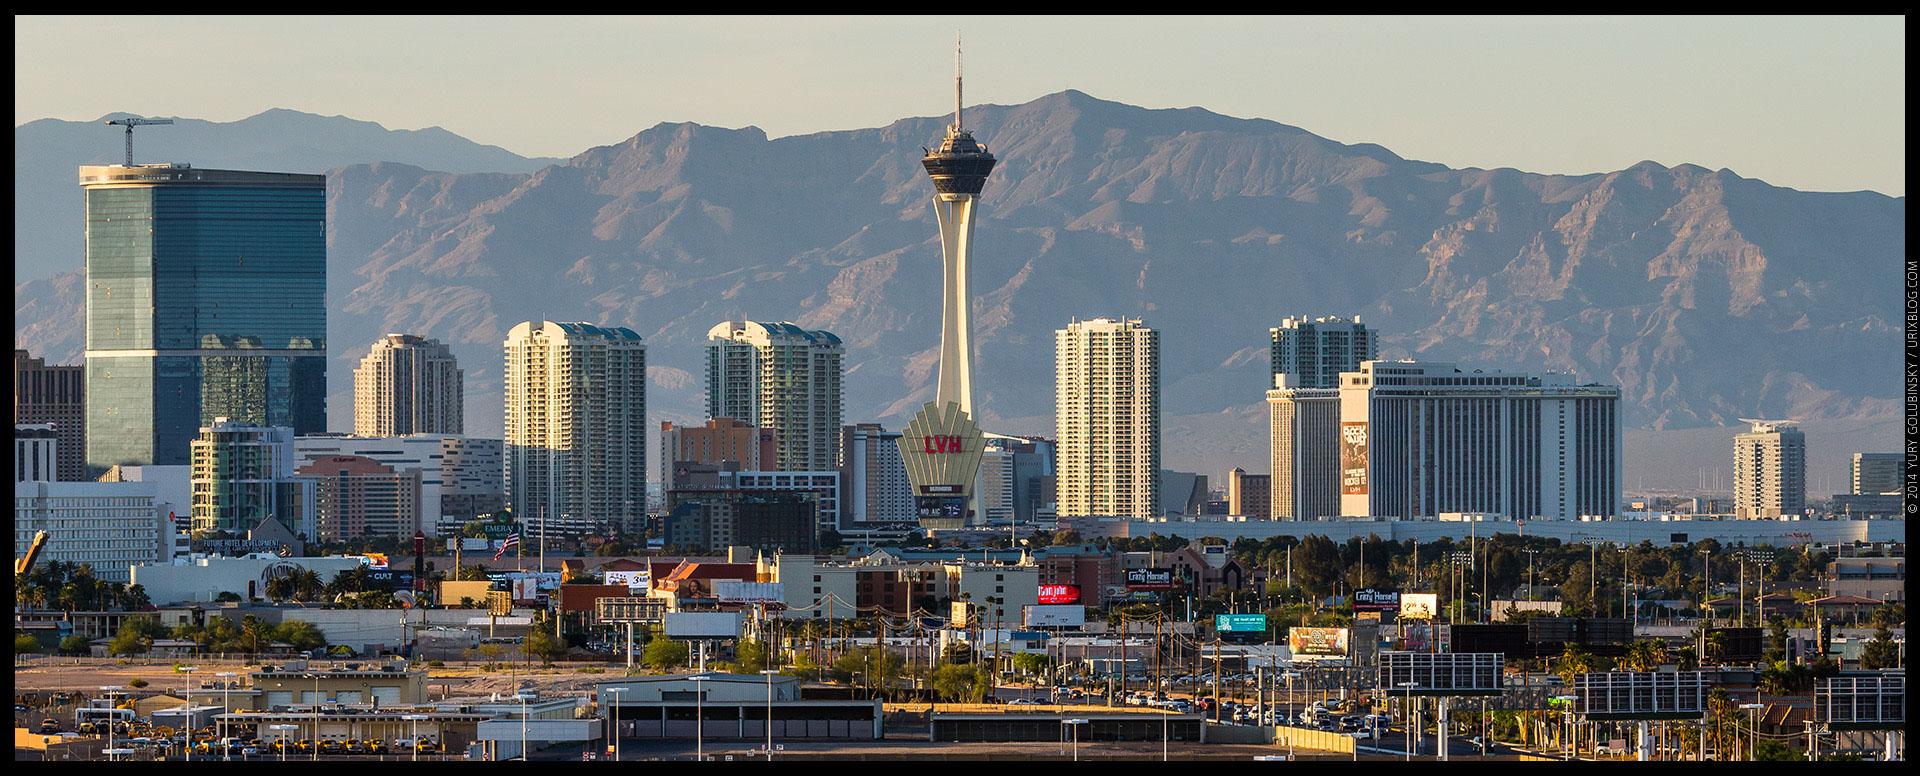 Stratosphere tower, casino, hotel, mountains, 2014, LAS, Las Vegas McCarran International airport, strip, LV, Clark County, USA, Nevada, panorama, horizon, city